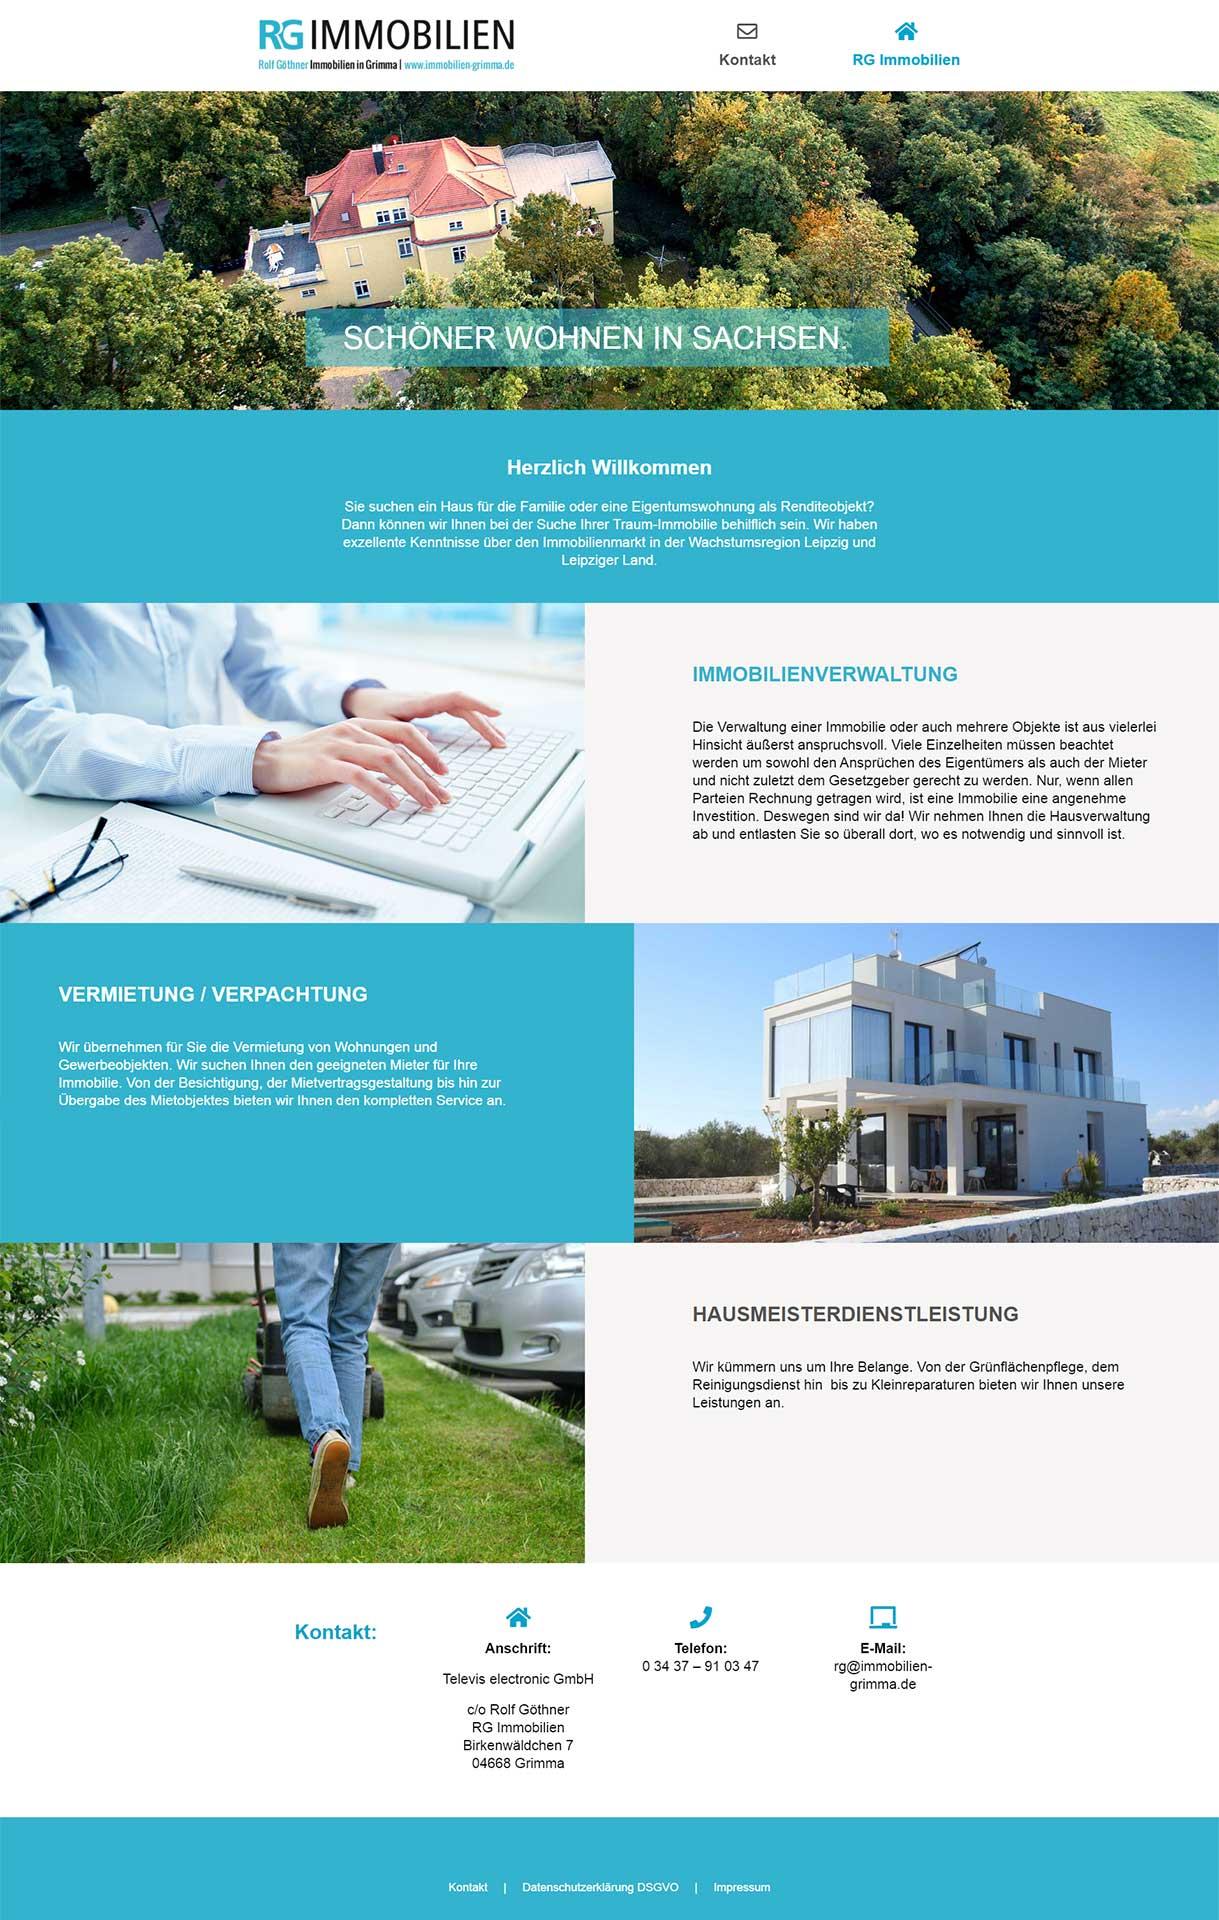 webdesign-flashlightmedia-werbeagentur-leipzig-grimma-startseite-rg-immobilien-webseite